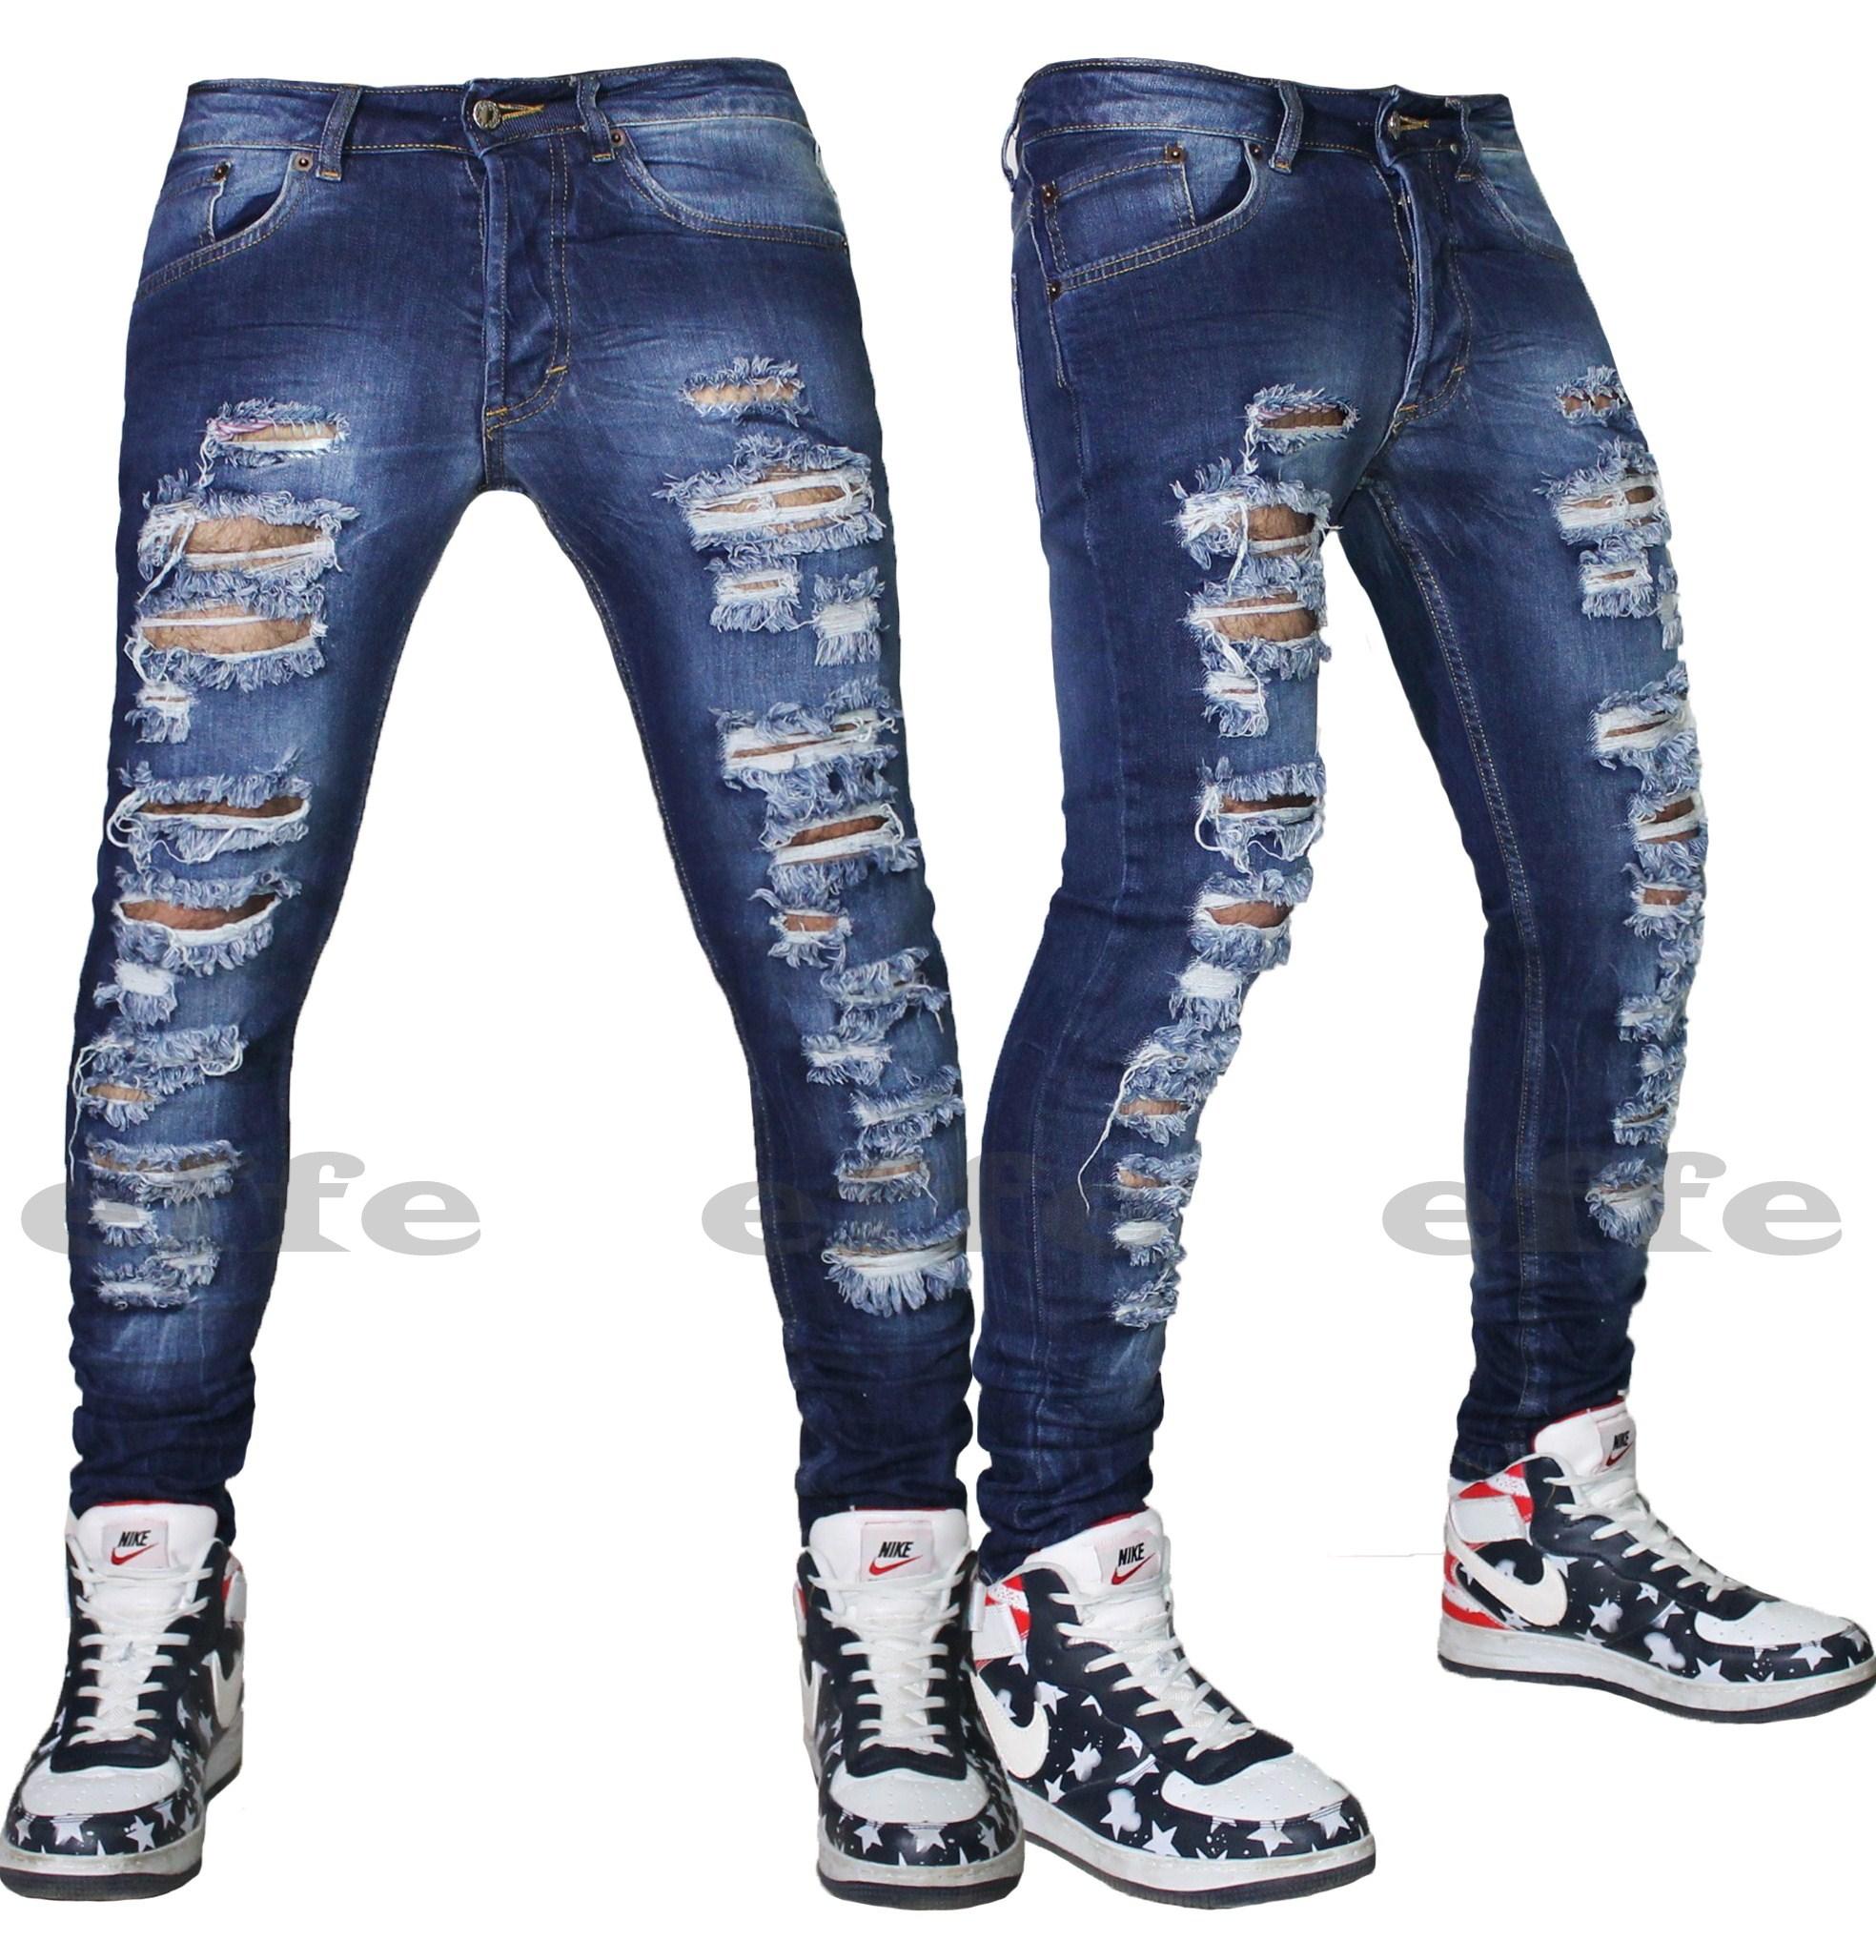 Jeans uomo Strappati sfilacciati DENIM blu slim elasticizzato stretti vita bassa | eBay